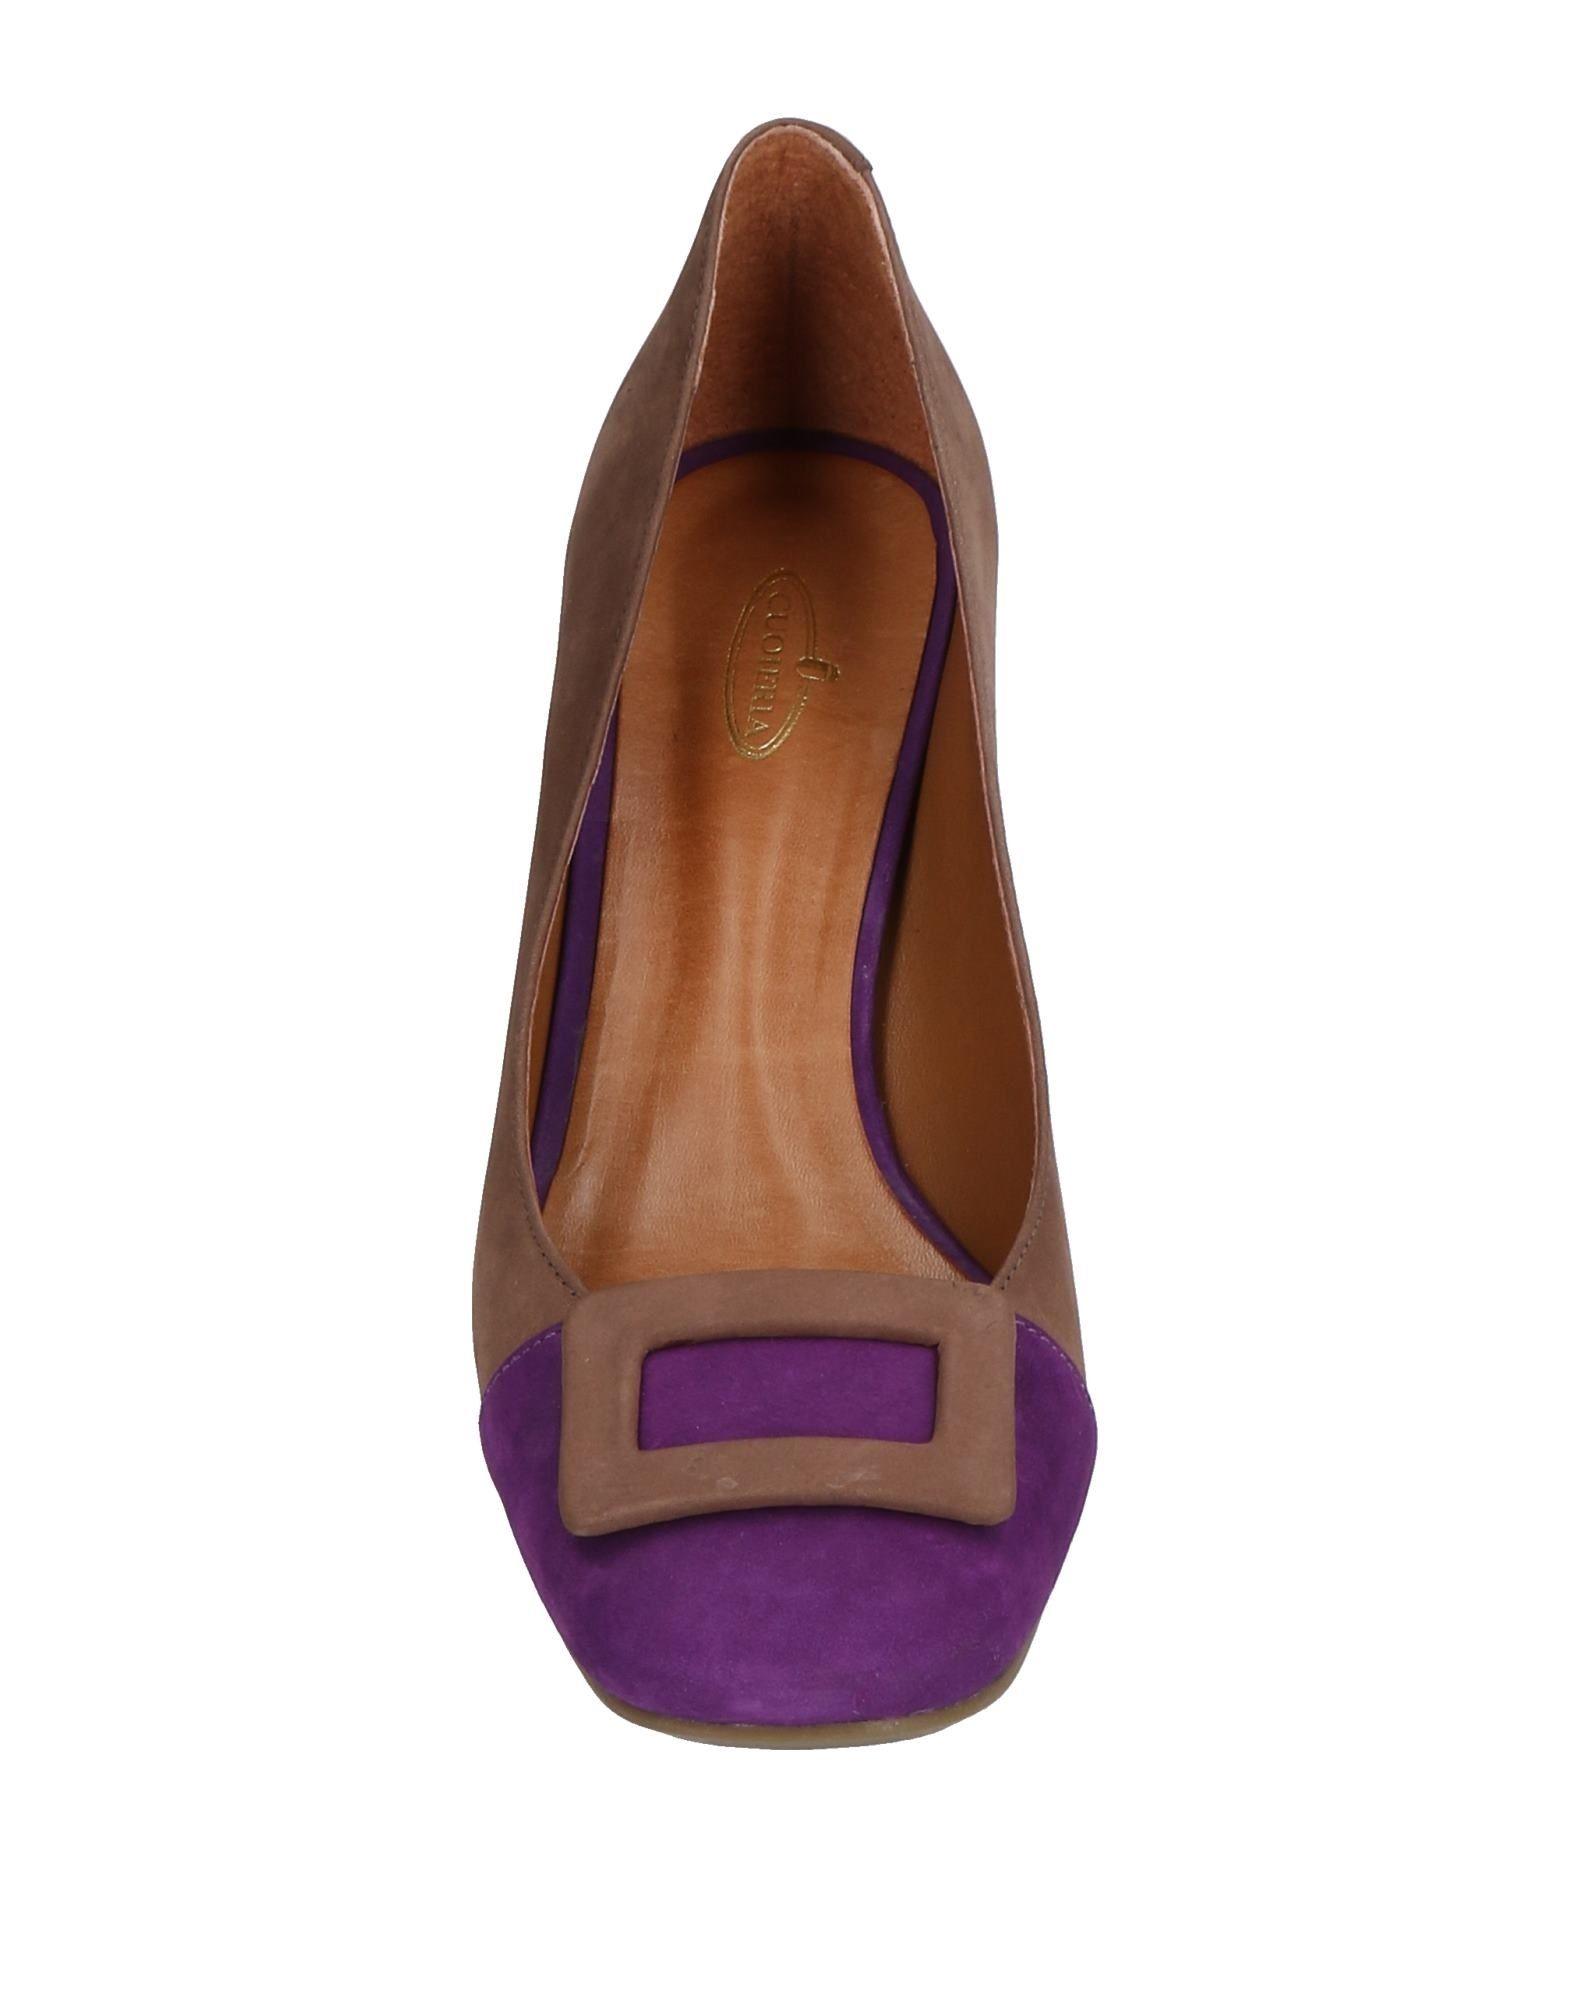 Cuoieria Gute Pumps Damen  11483349JN Gute Cuoieria Qualität beliebte Schuhe e8d679